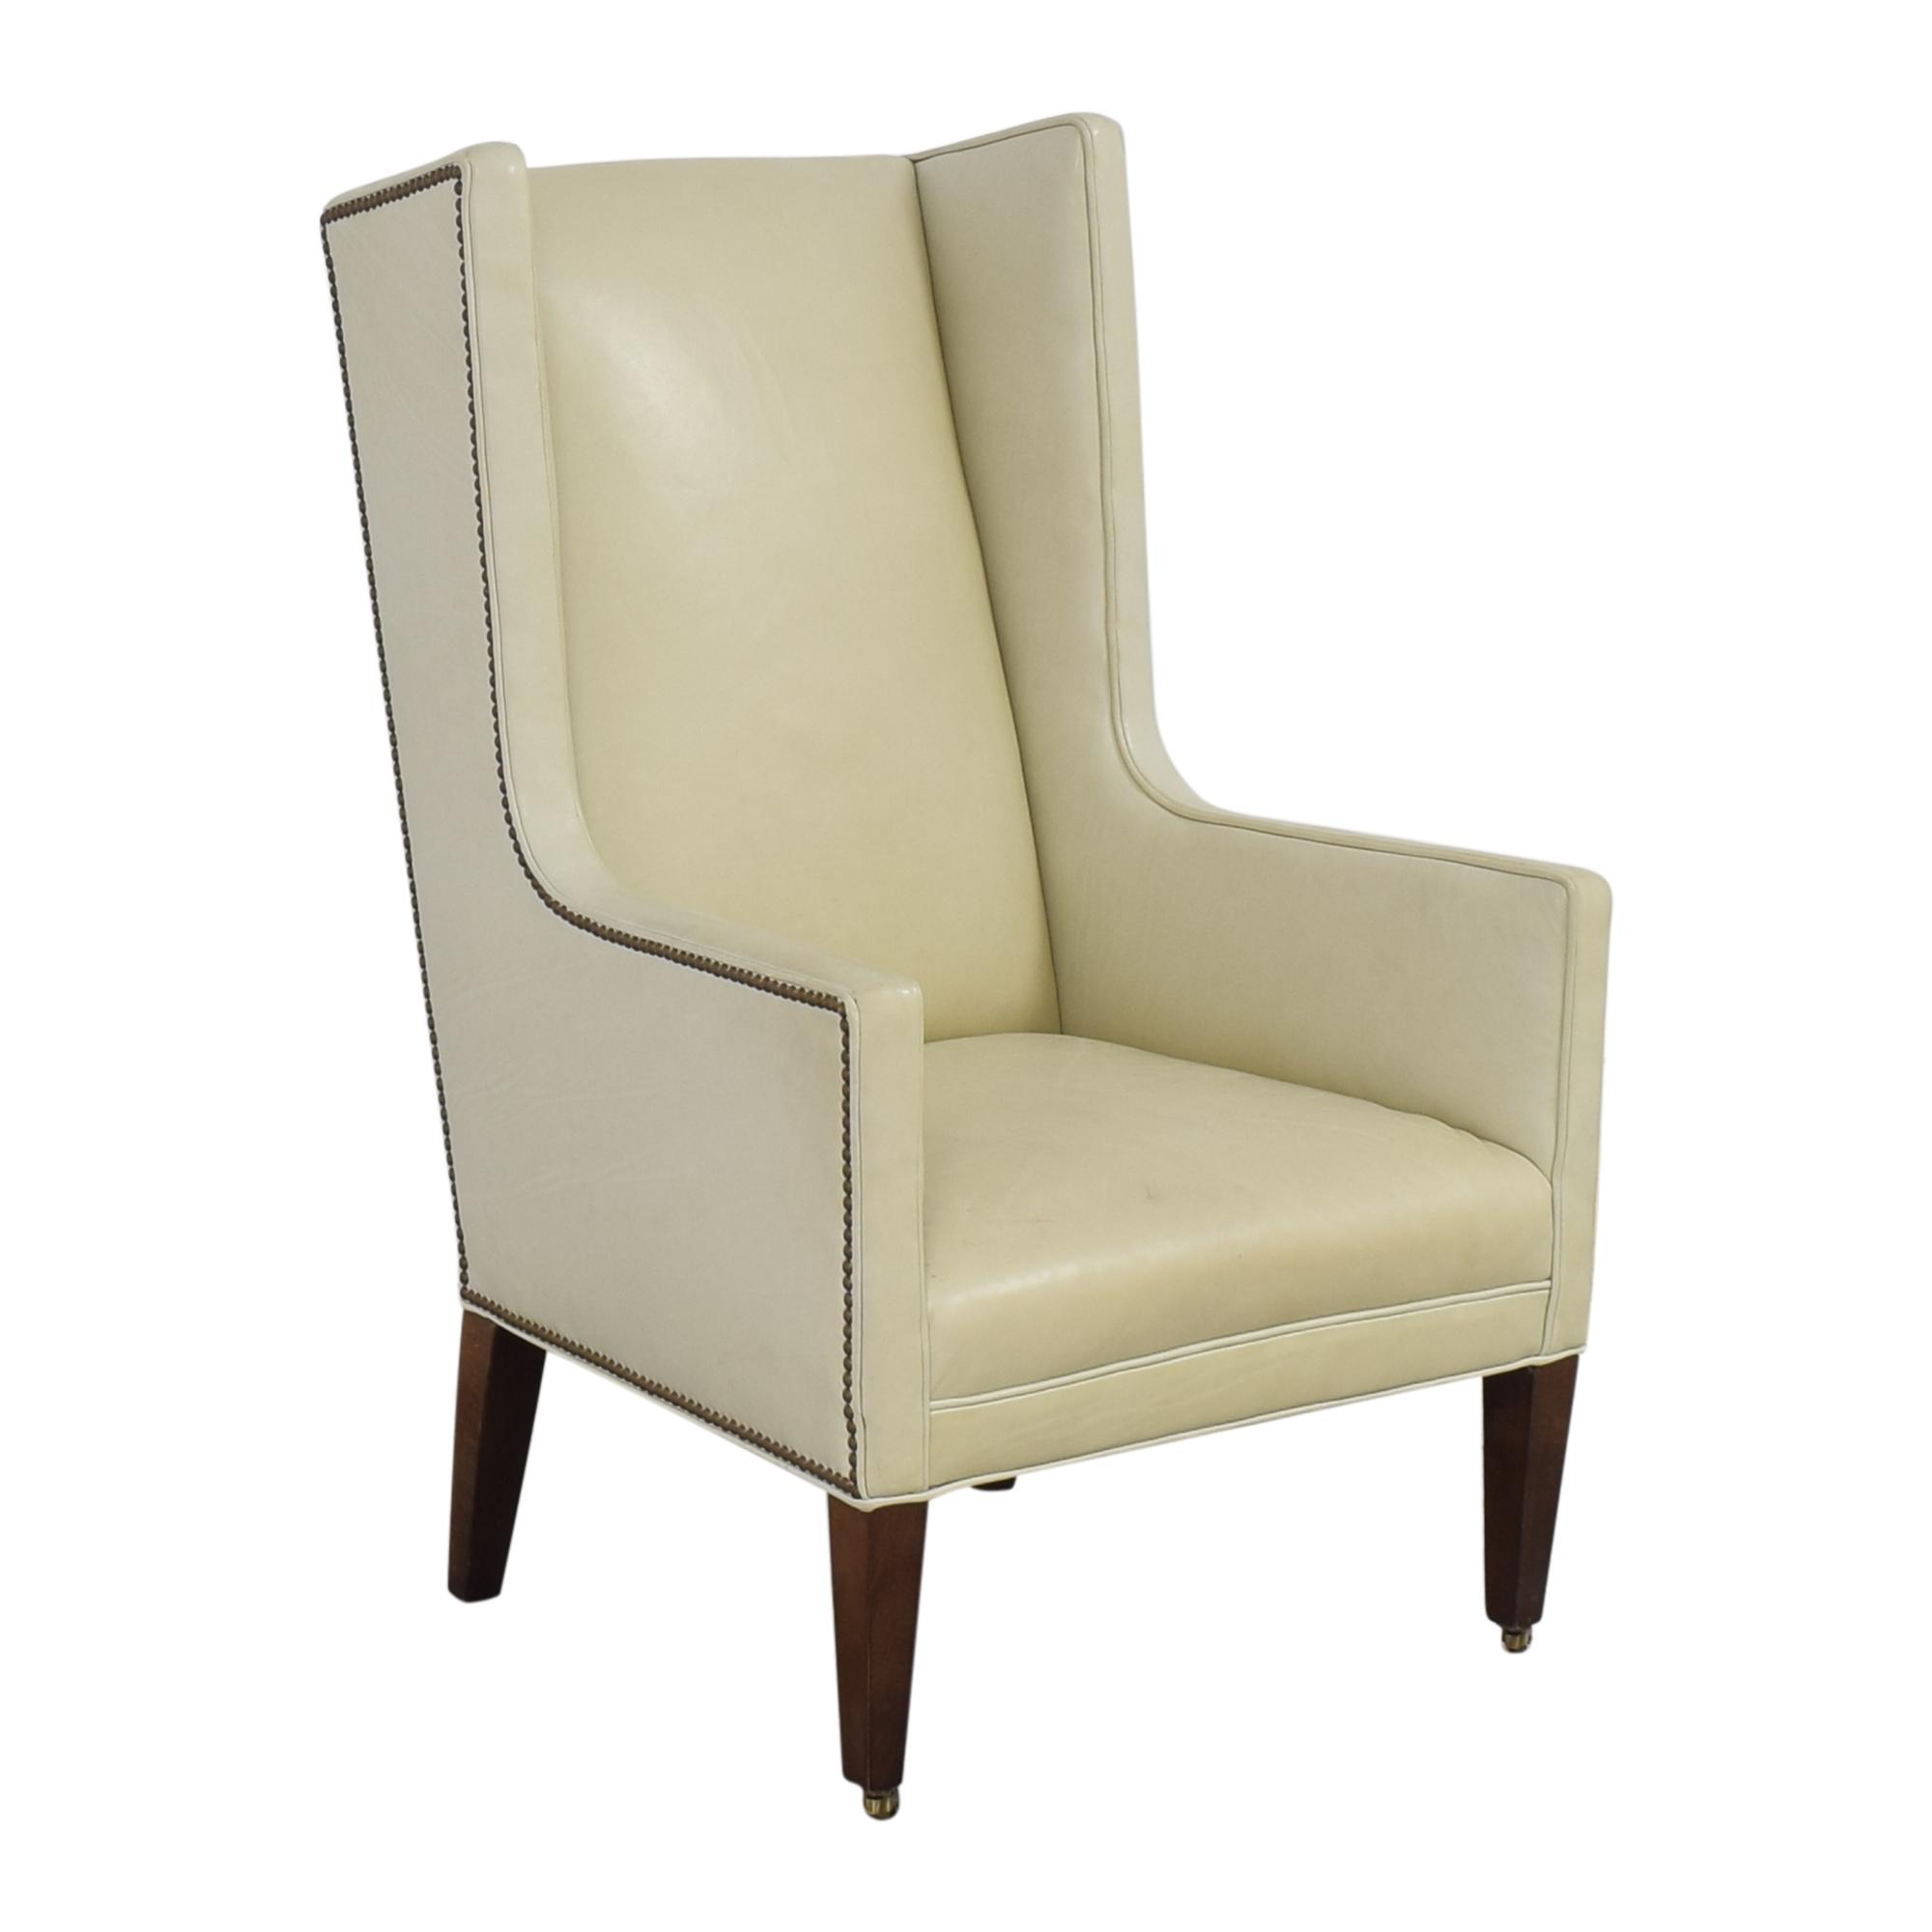 Crate & Barrel Wingback Chair Crate & Barrel